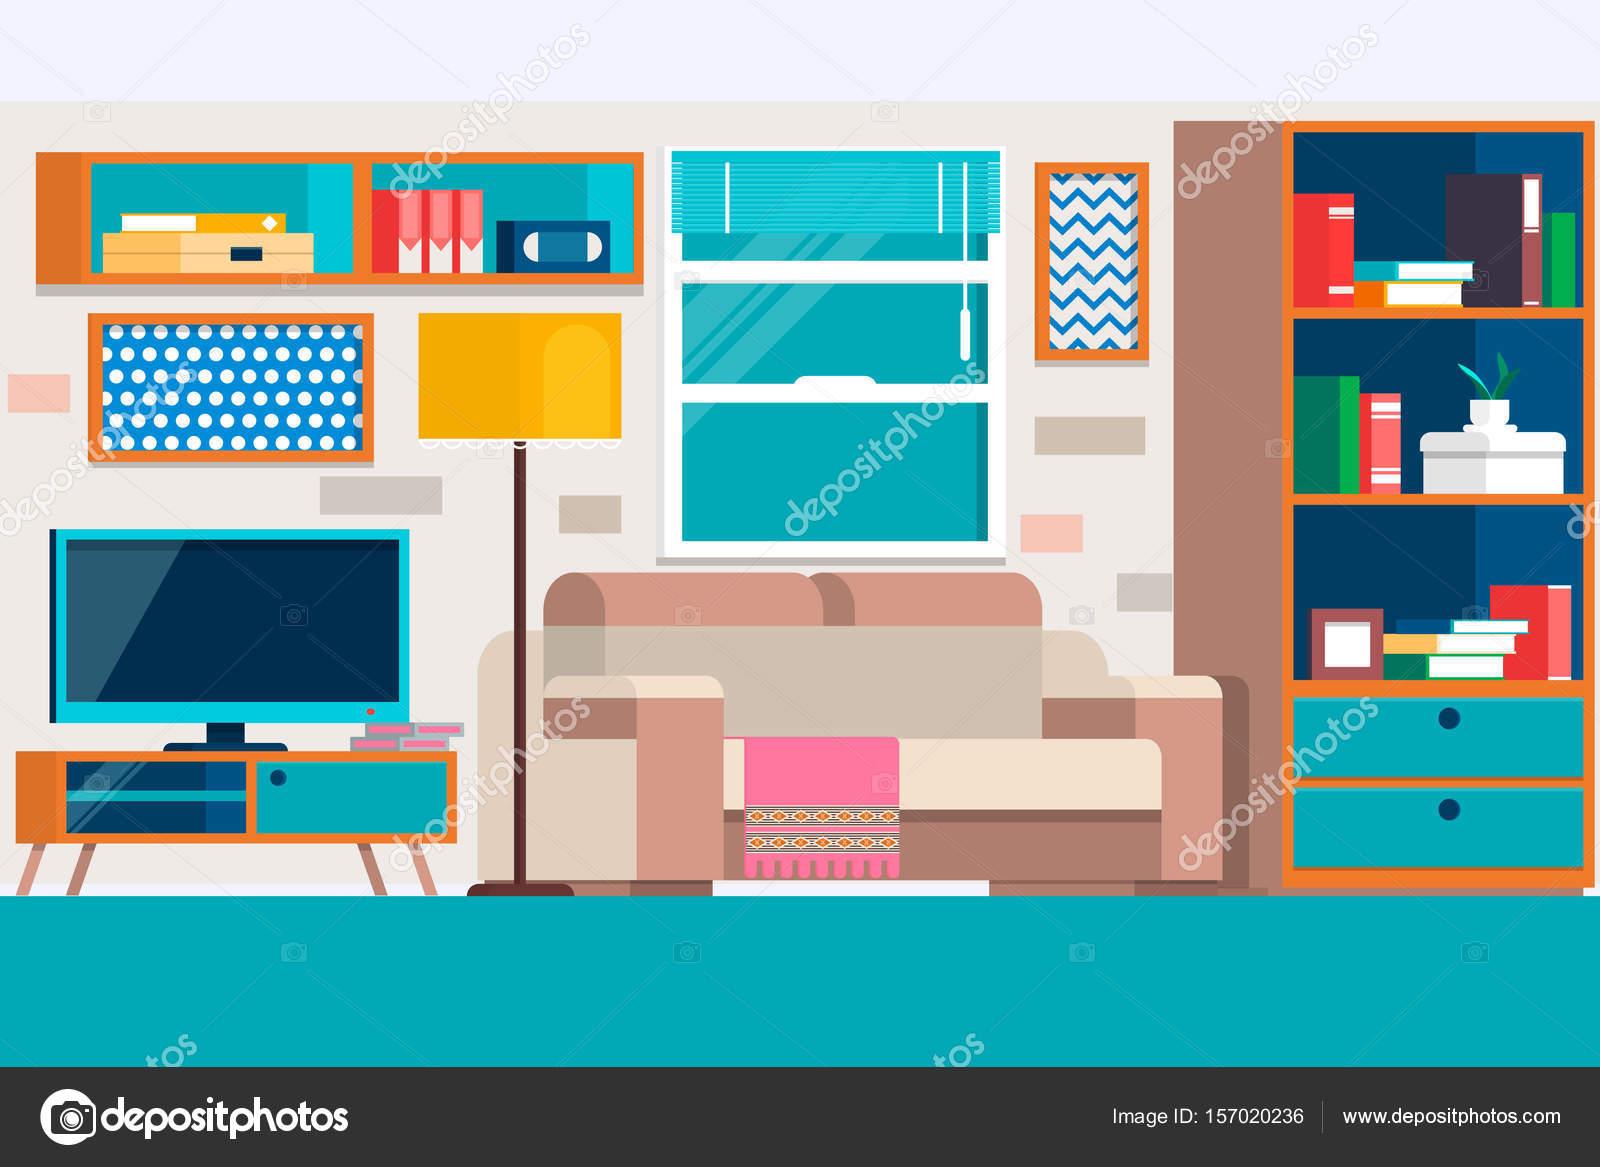 Wohnzimmer Mit Mobeln Coole Grafik Wohnzimmer Interior Design Mit